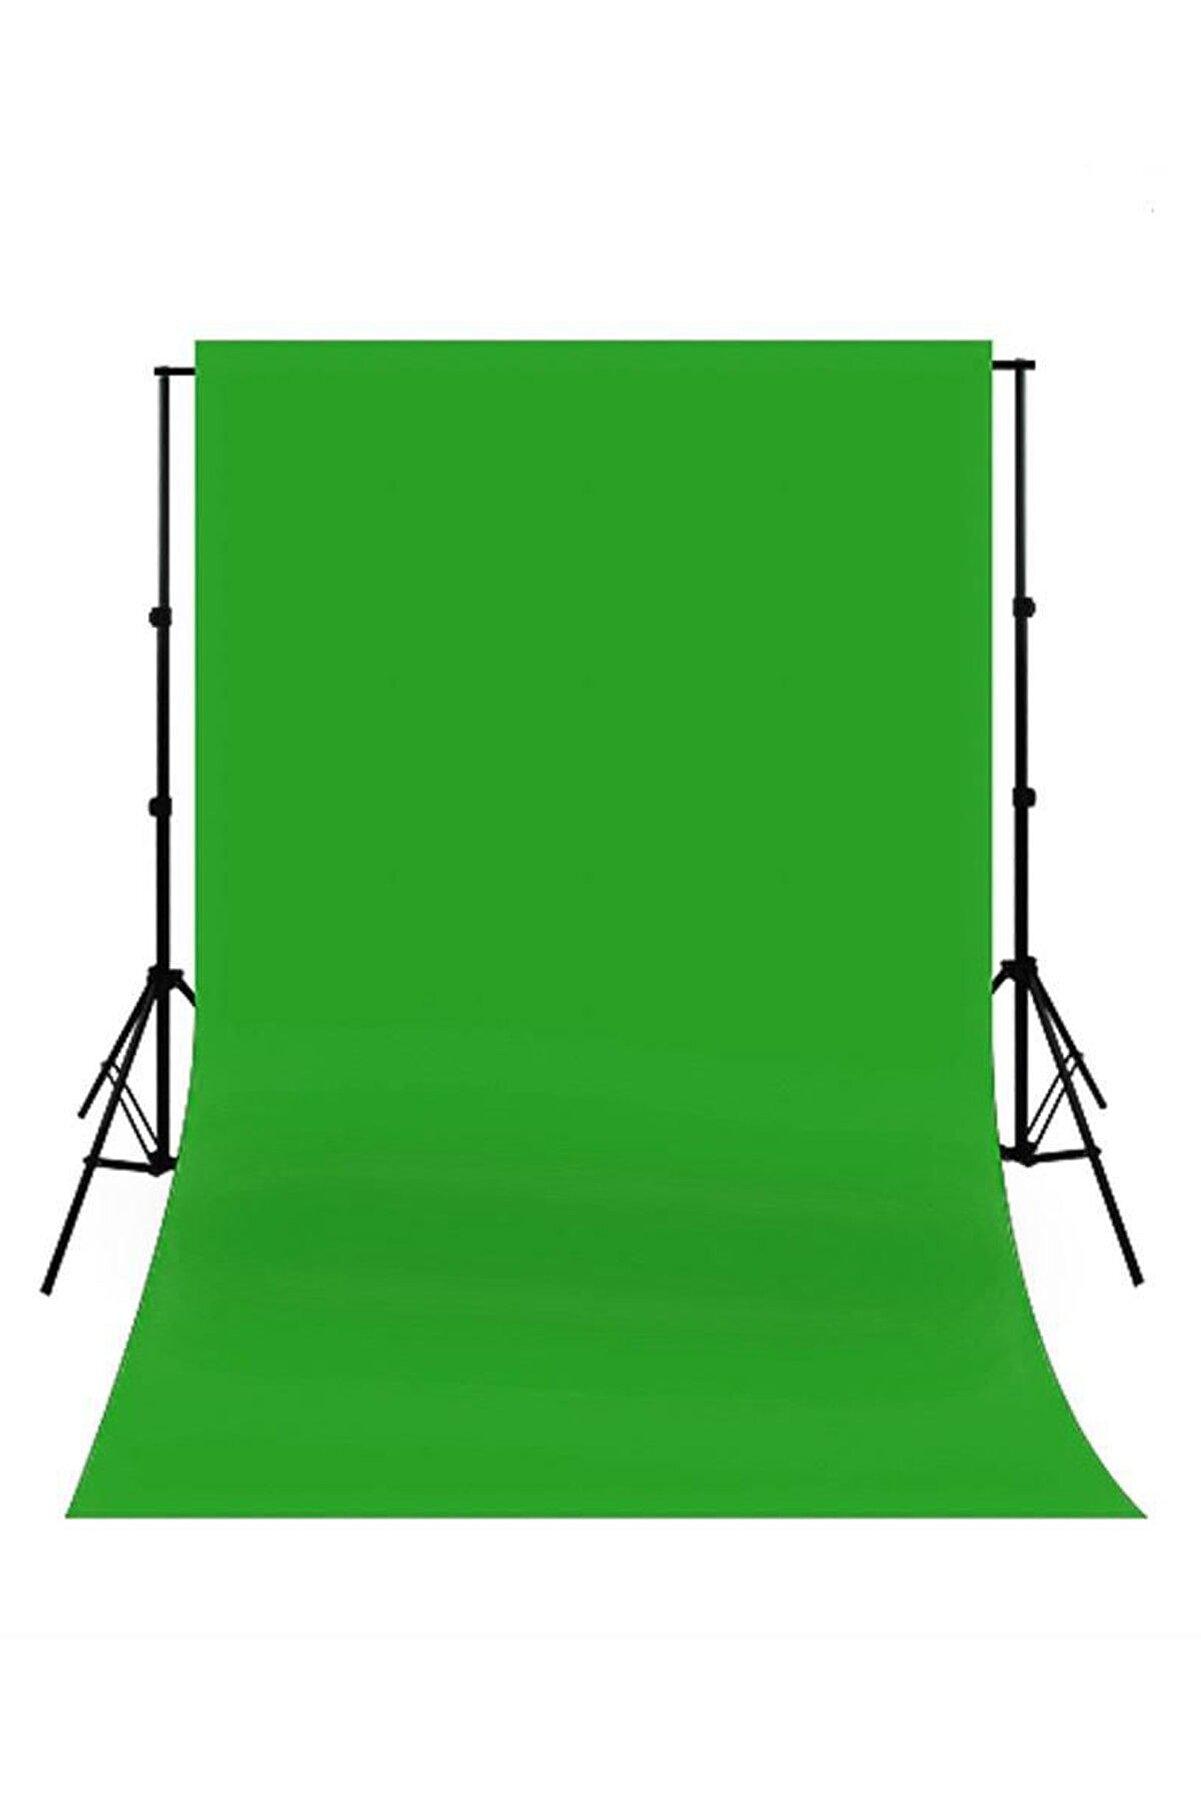 Deyatech Chromakey- Green Screen Greenbox Yeşil Fon Perde(3 x 3 m)